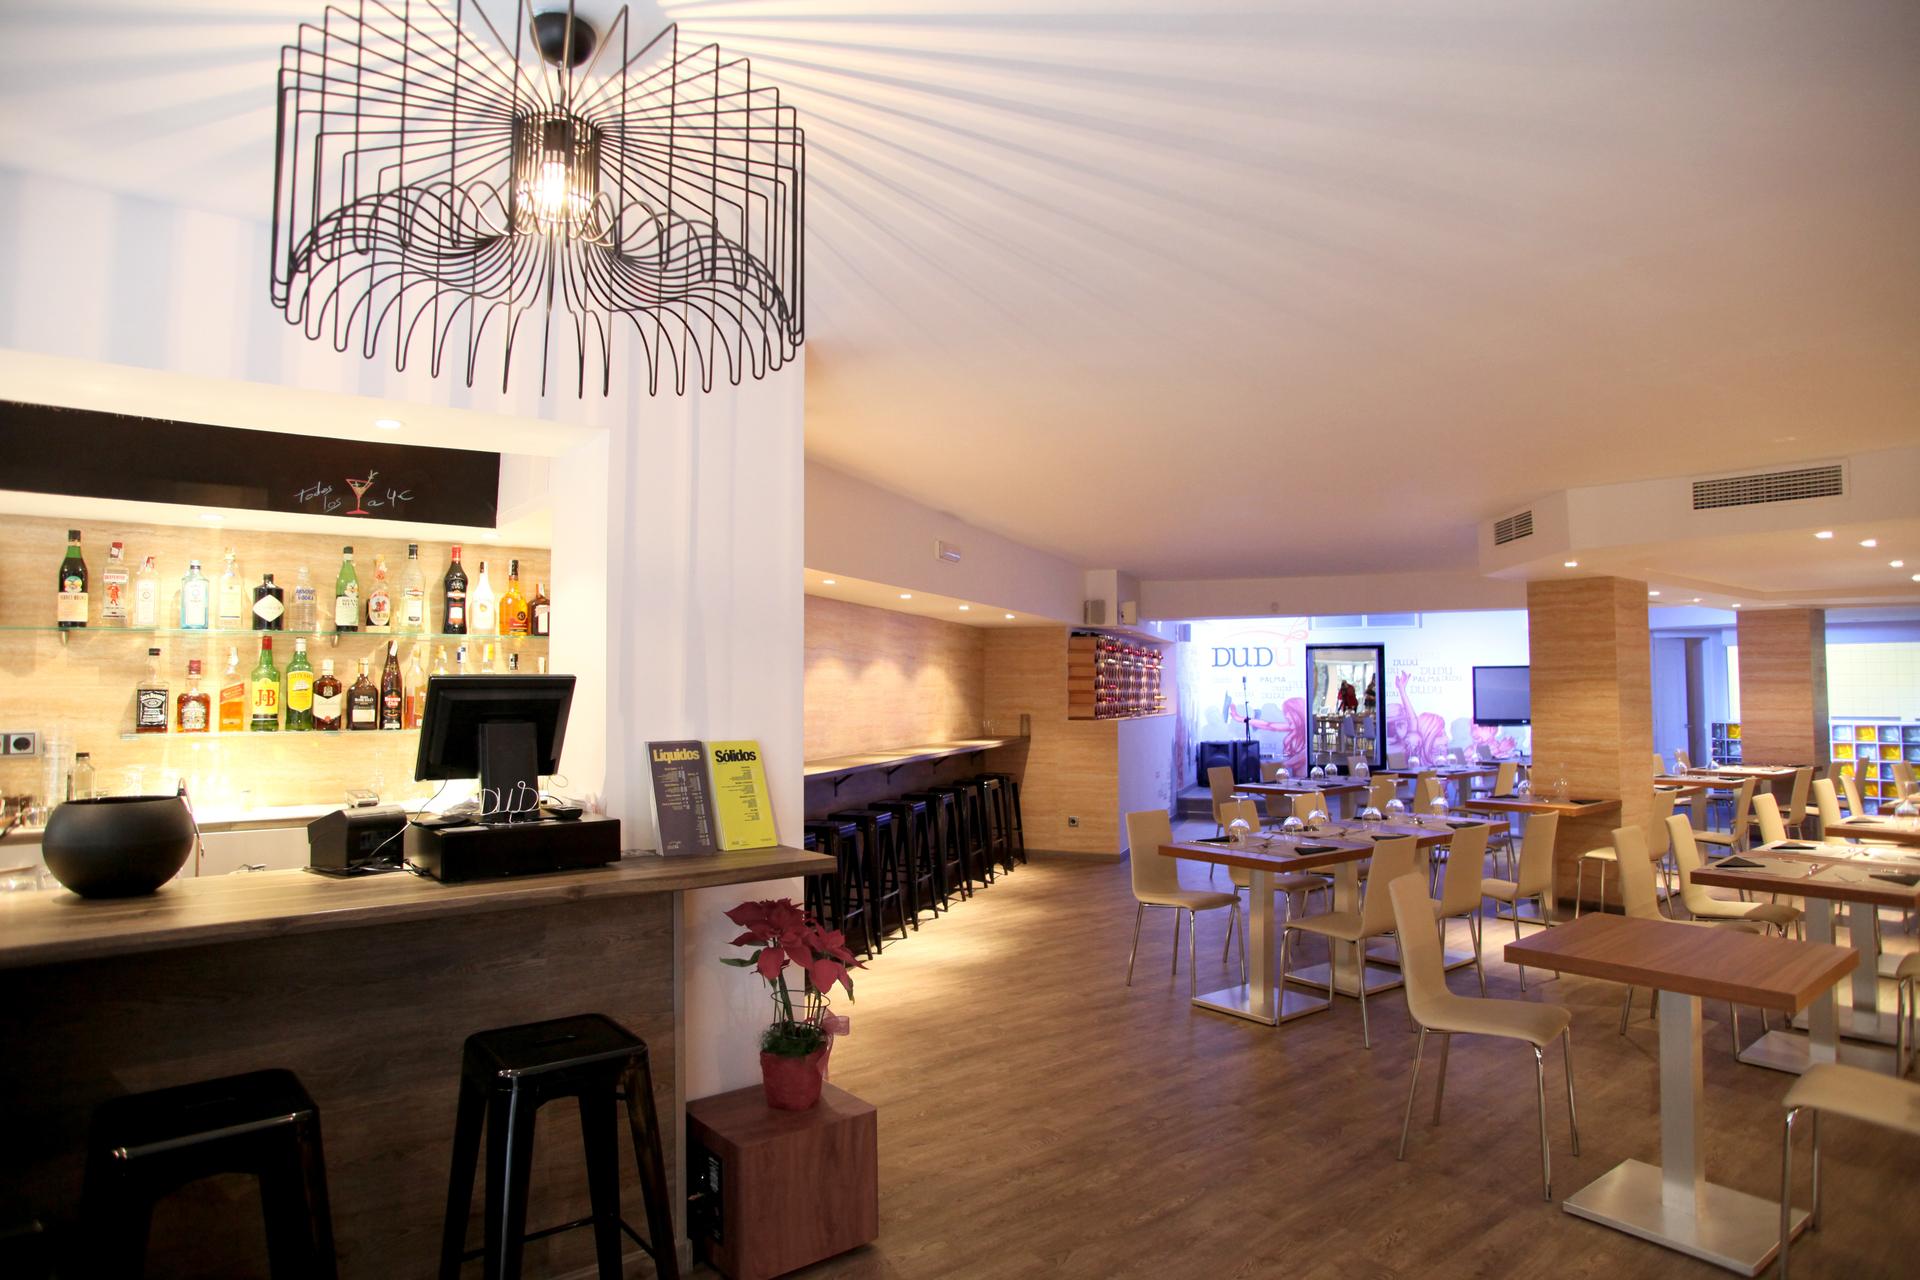 Interiorismo restaurante dud alibaz construcci n - Empresas de construccion en mallorca ...